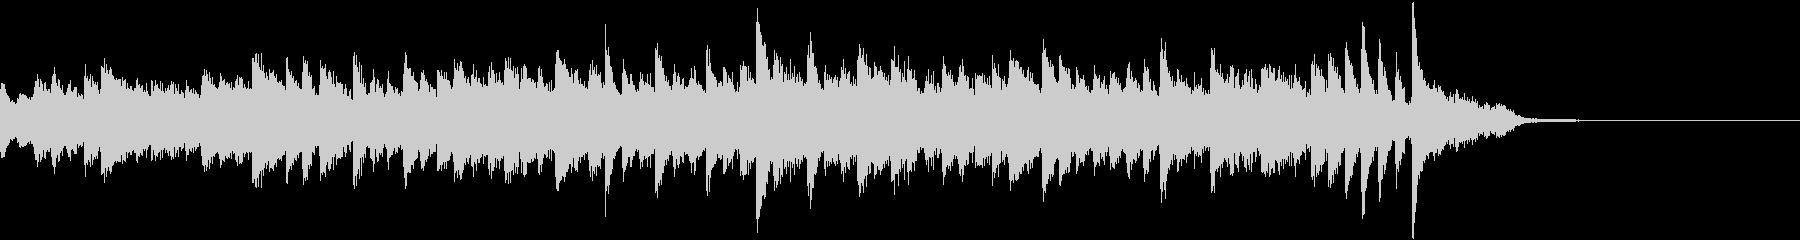 グラツィオーソに演奏したピアノジングルの未再生の波形